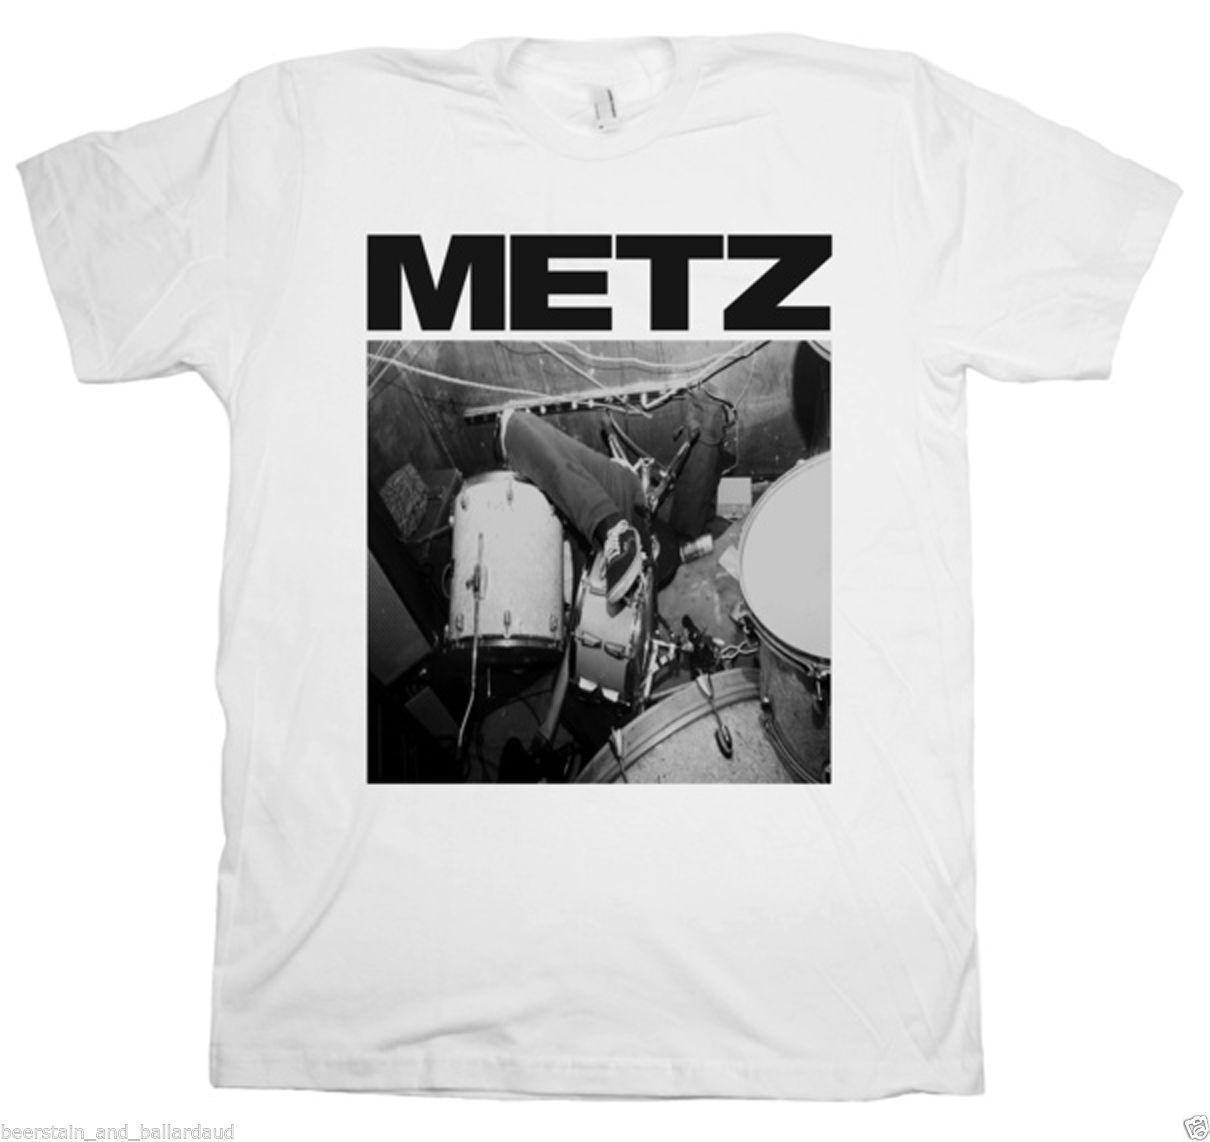 683cf9f12 Compre METZ Mim T Shirt Branco NOVO! Sub Pop PROFISSIONALMENTE FEITO +  IMPRESSO Engraçado Frete Grátis Unisex Top Casual De Dappachappy, $12.96 |  Pt.Dhgate.